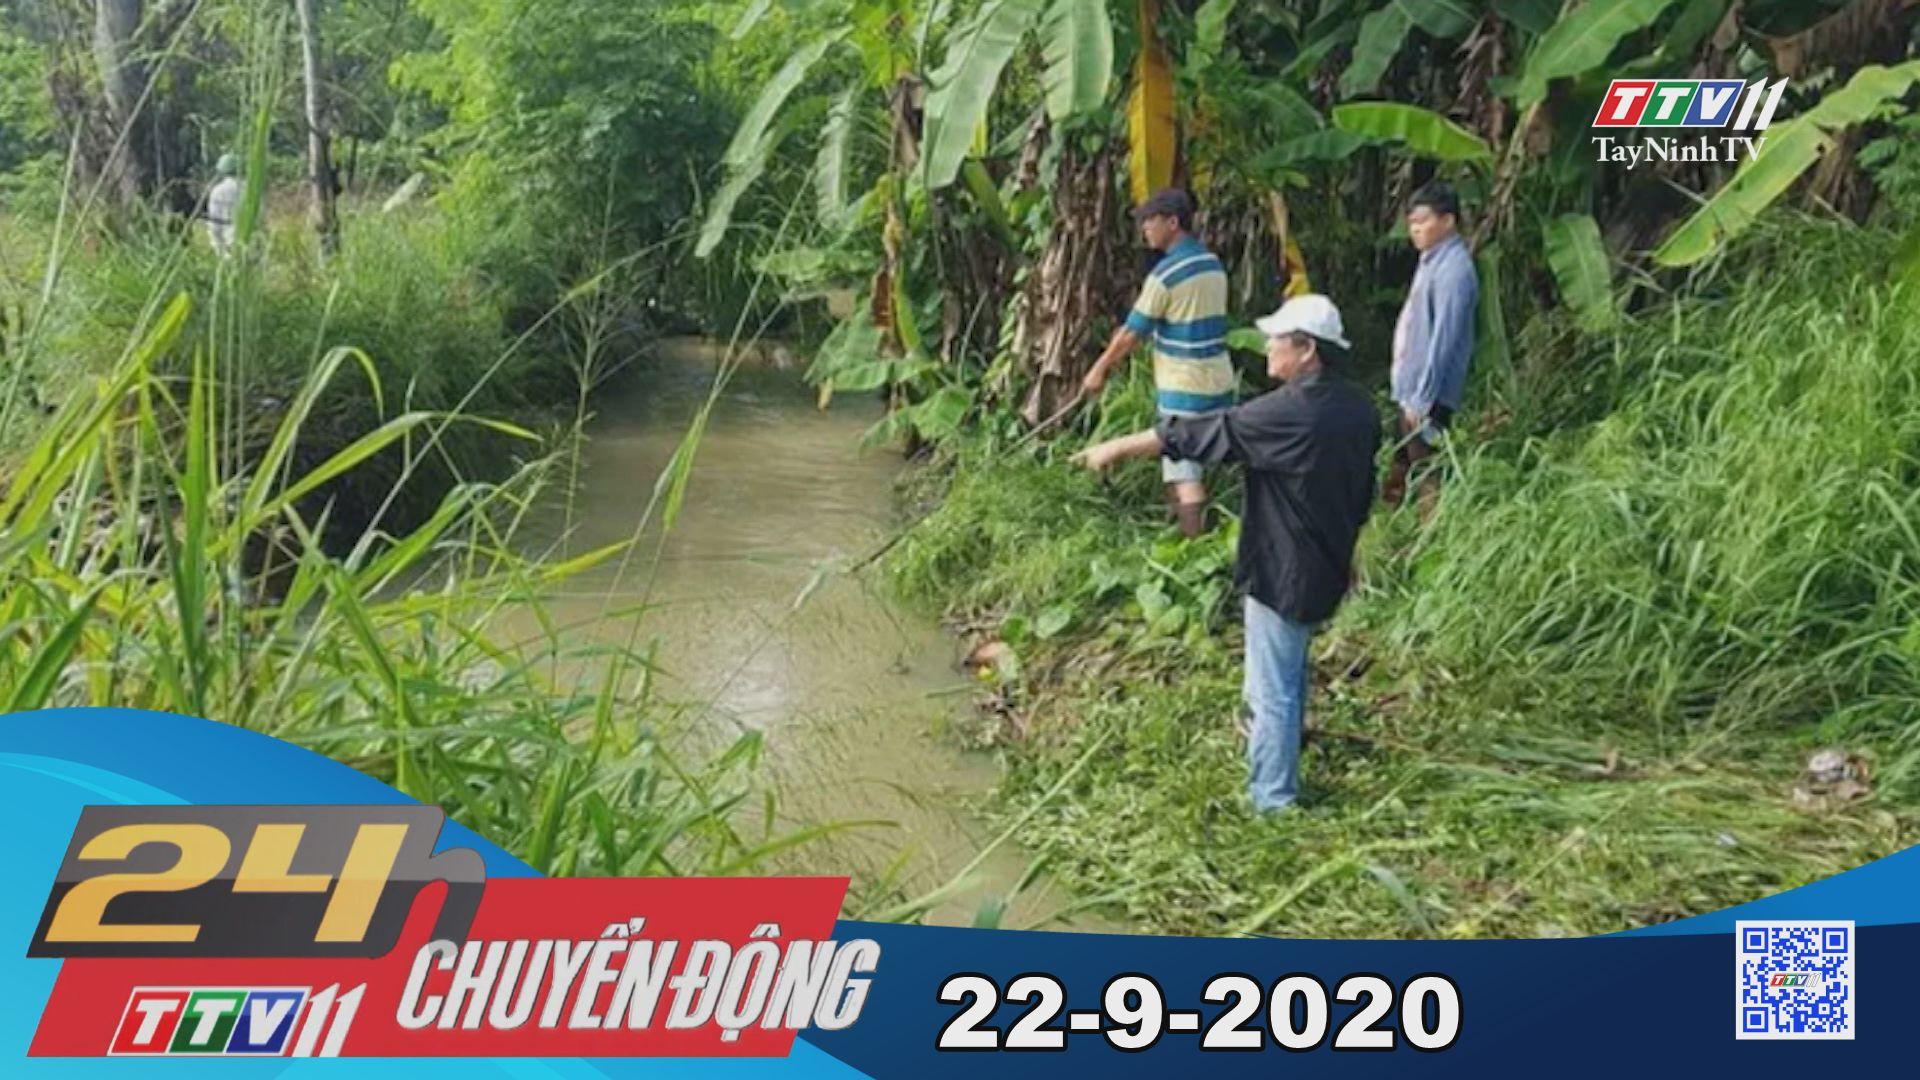 24h Chuyển động 22-9-2020 | Tin tức hôm nay | TayNinhTV